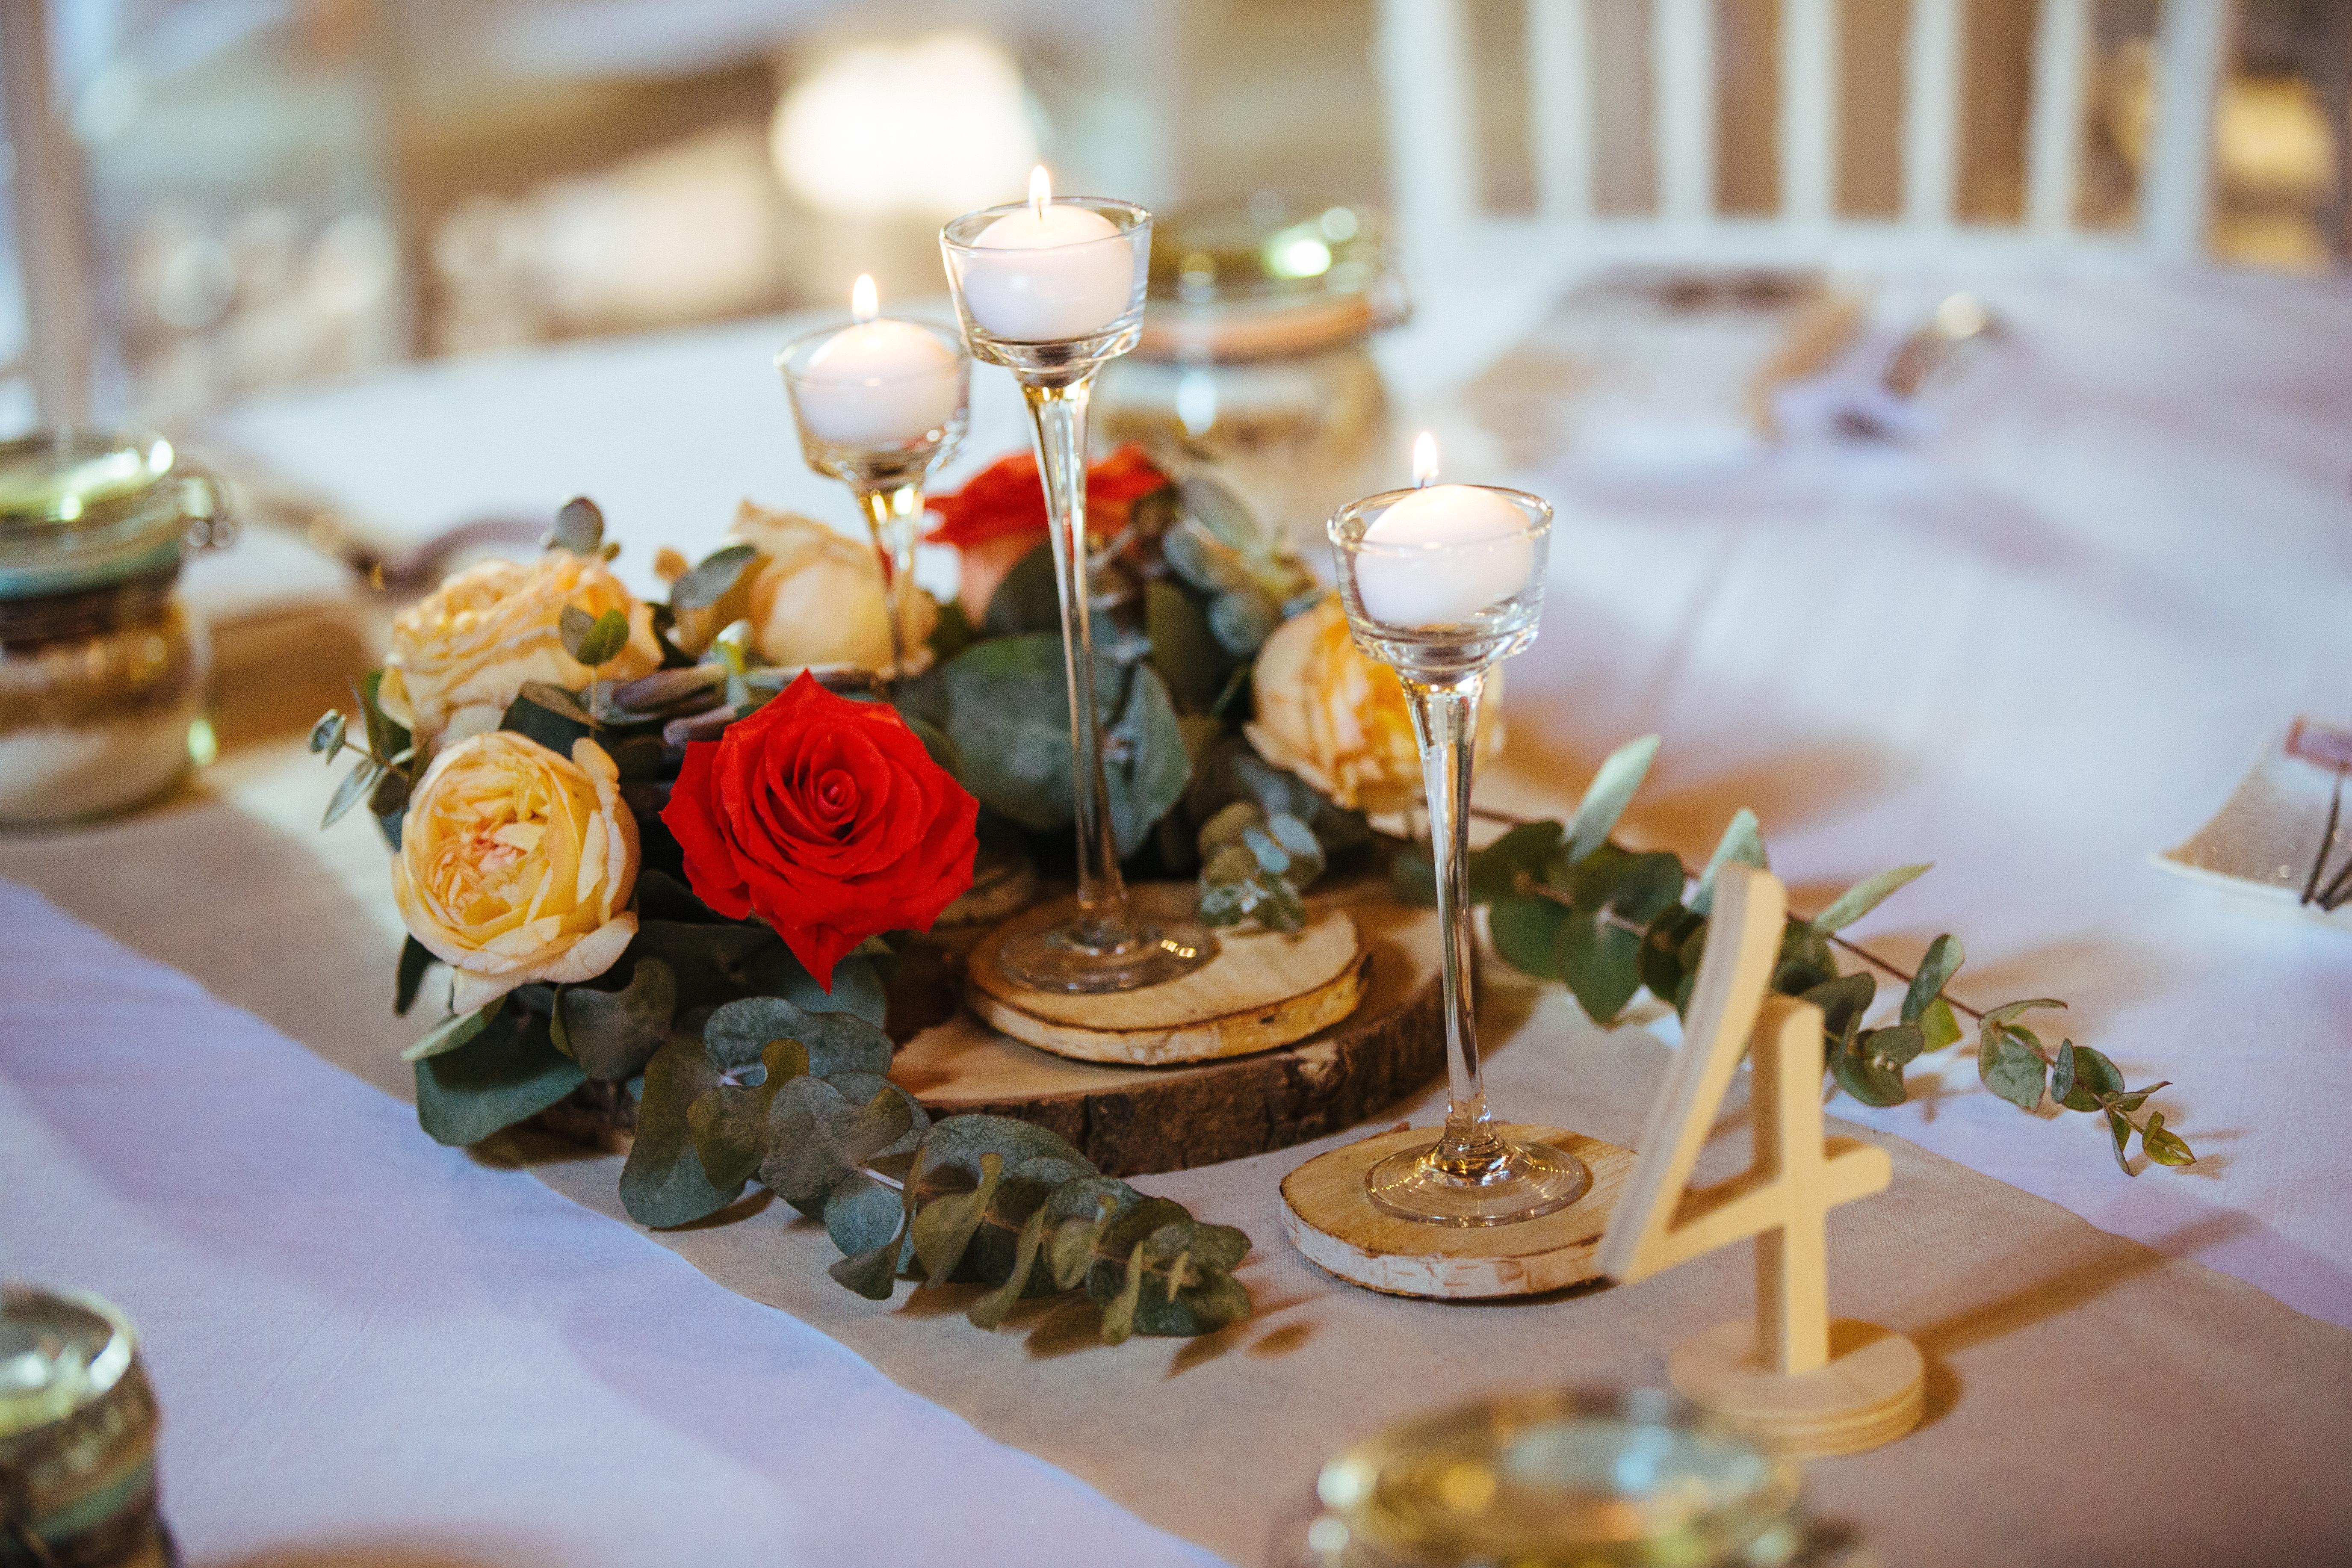 décoration de mariage orange - centre de table - numéro de table en bois - bougeoirs en verre - rondin de bois